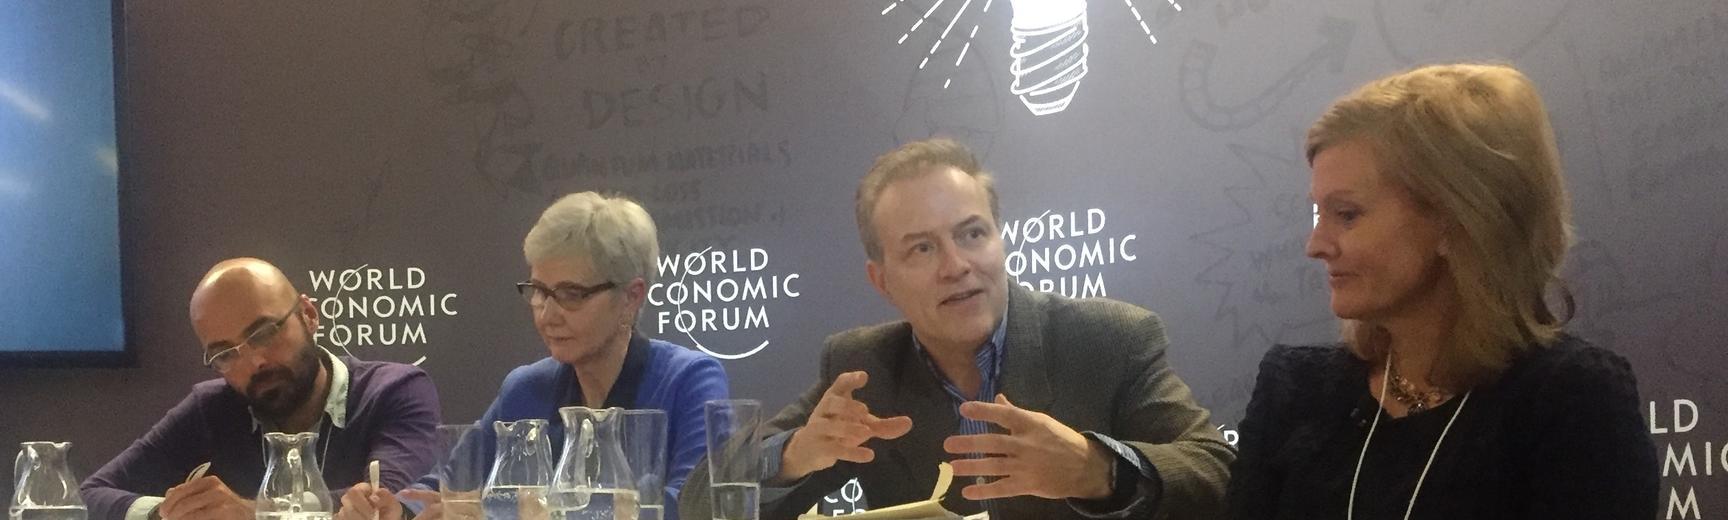 Harvey Whitehouse | World Economic Forum